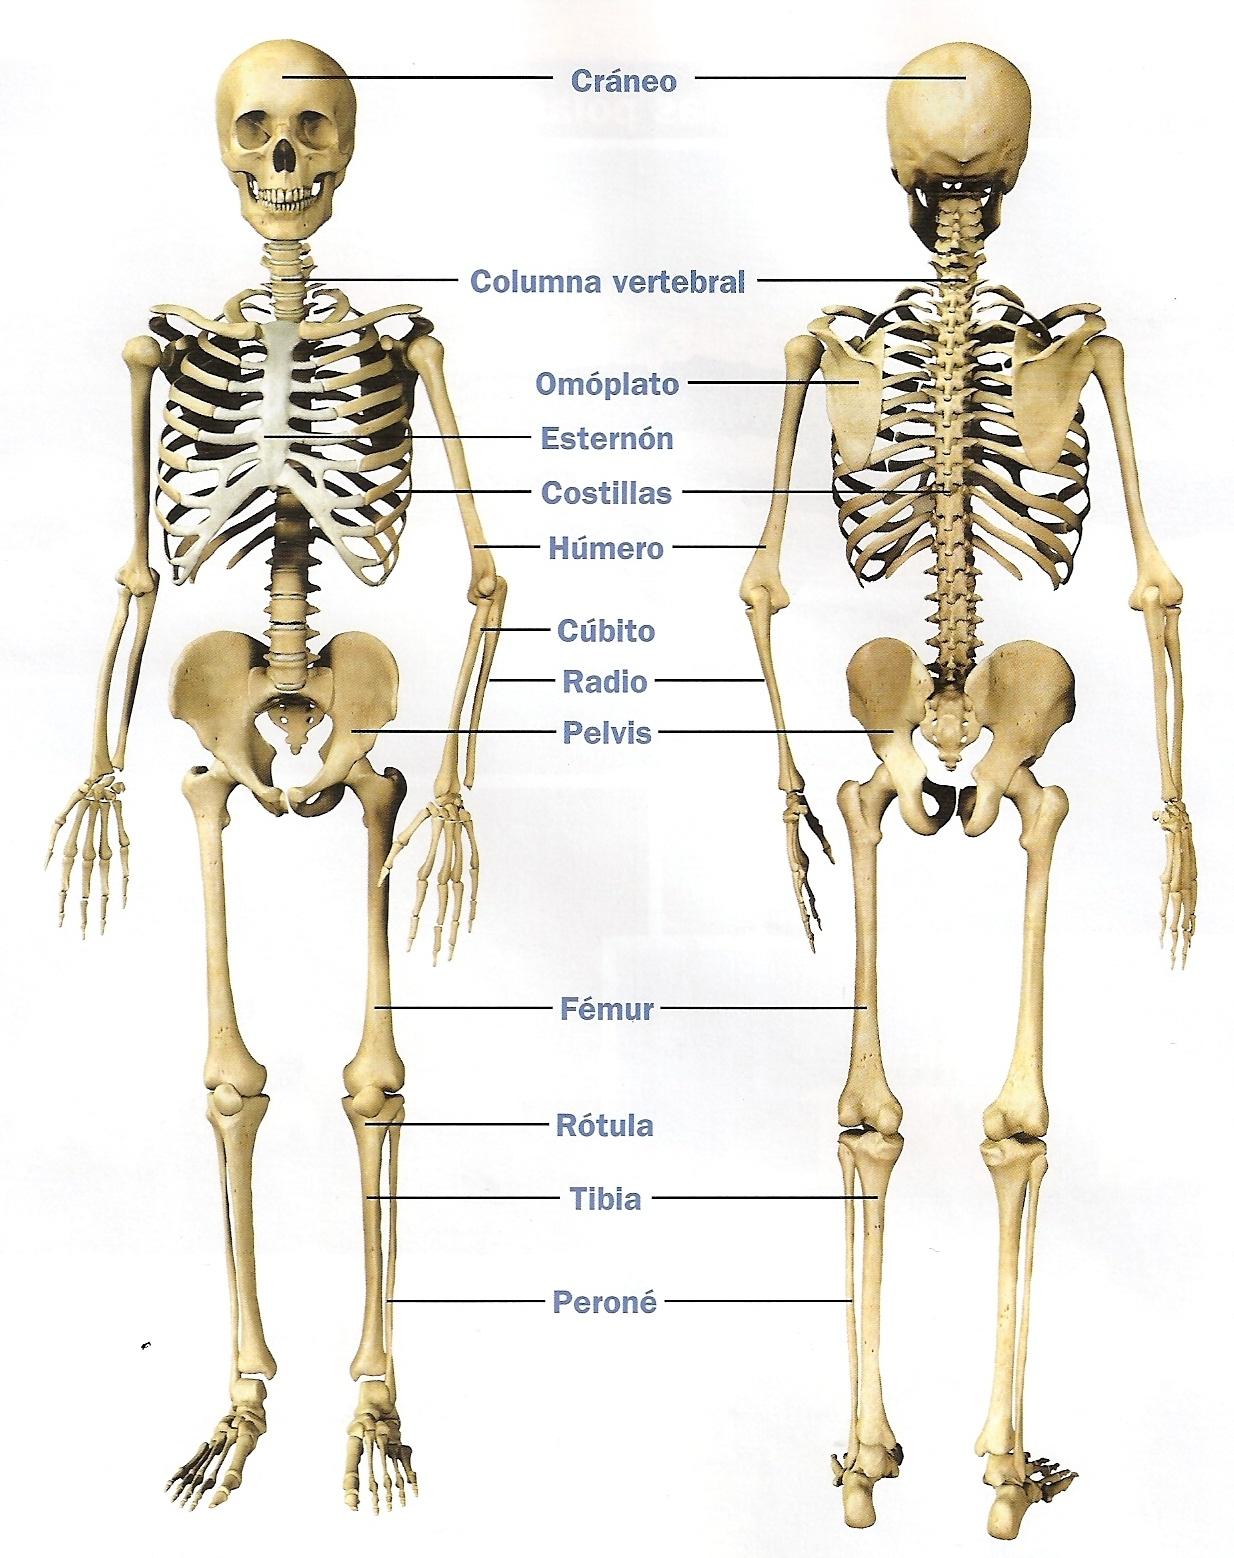 Dorable Los Huesos Del Esqueleto Humano Fotos Galería - Anatomía de ...